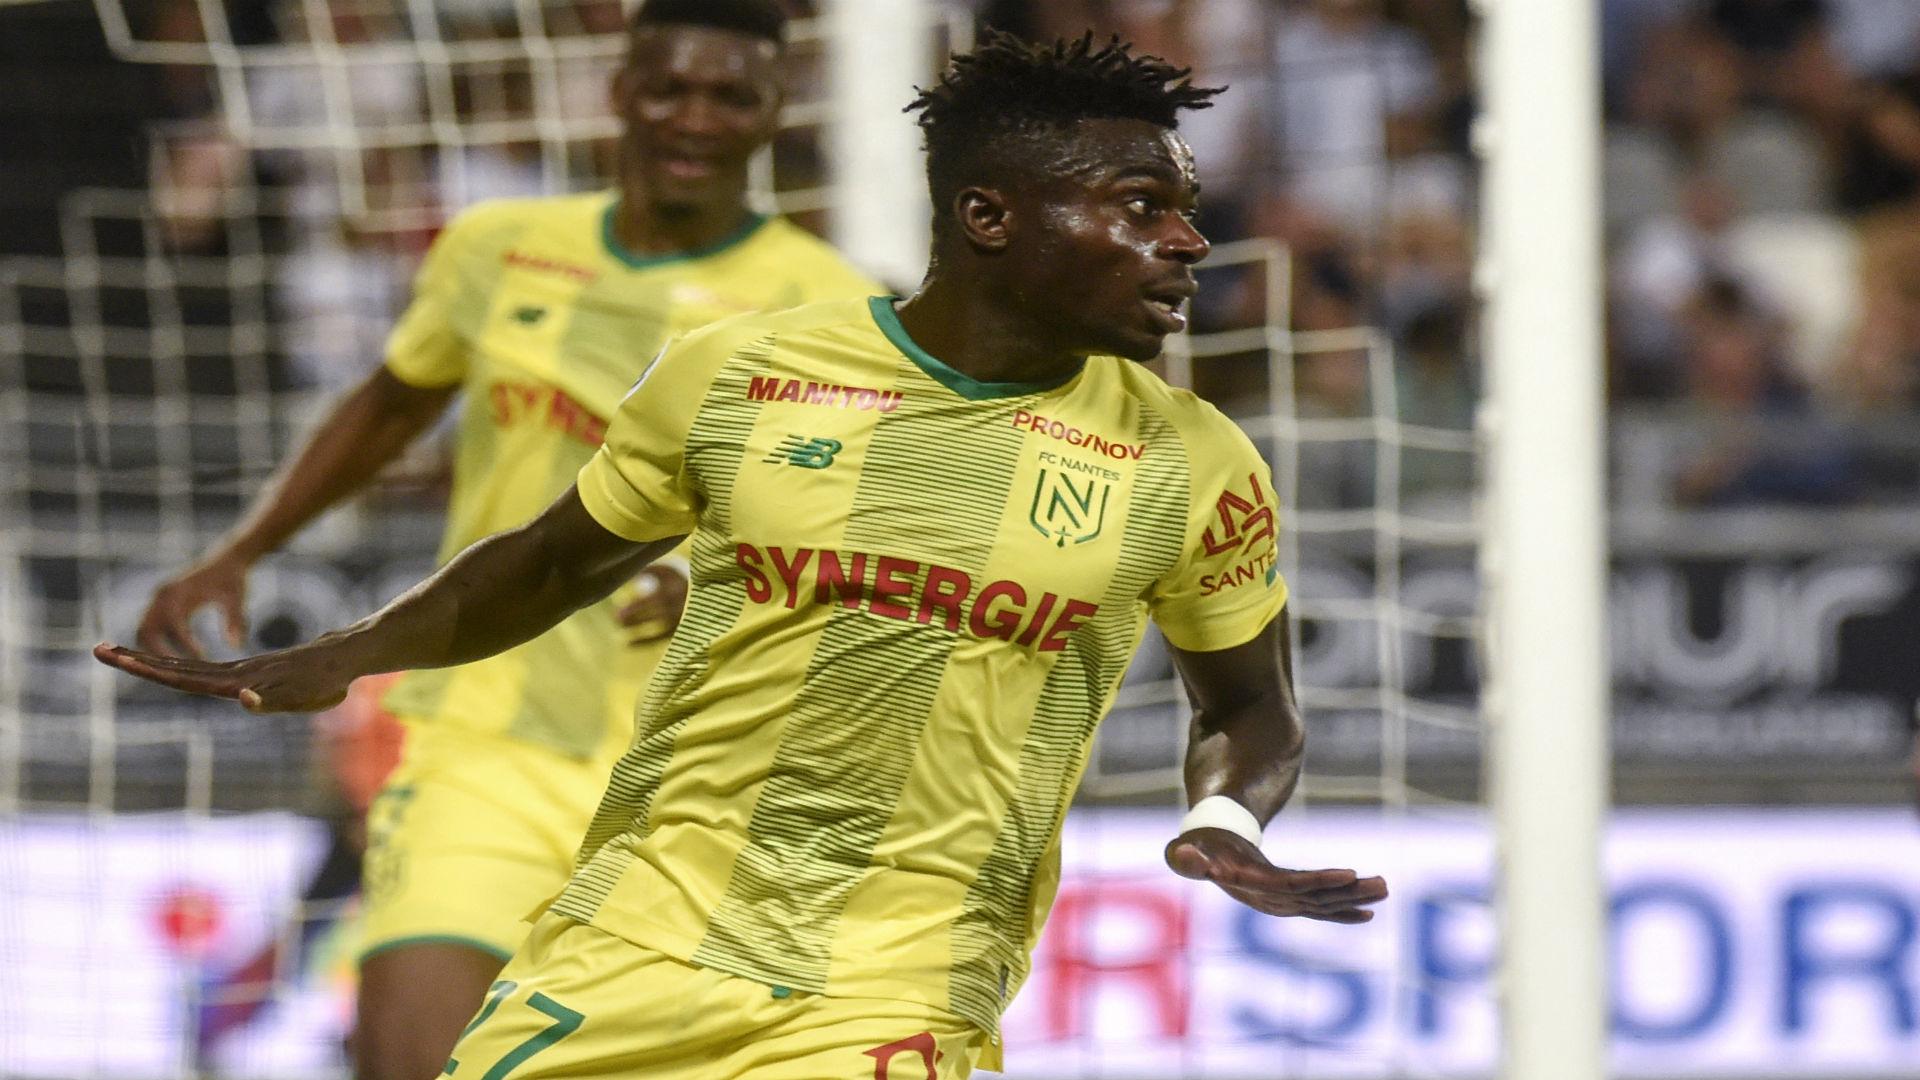 Nantes' Simon scores hat-trick as Paris FC suffer French League Cup obliteration